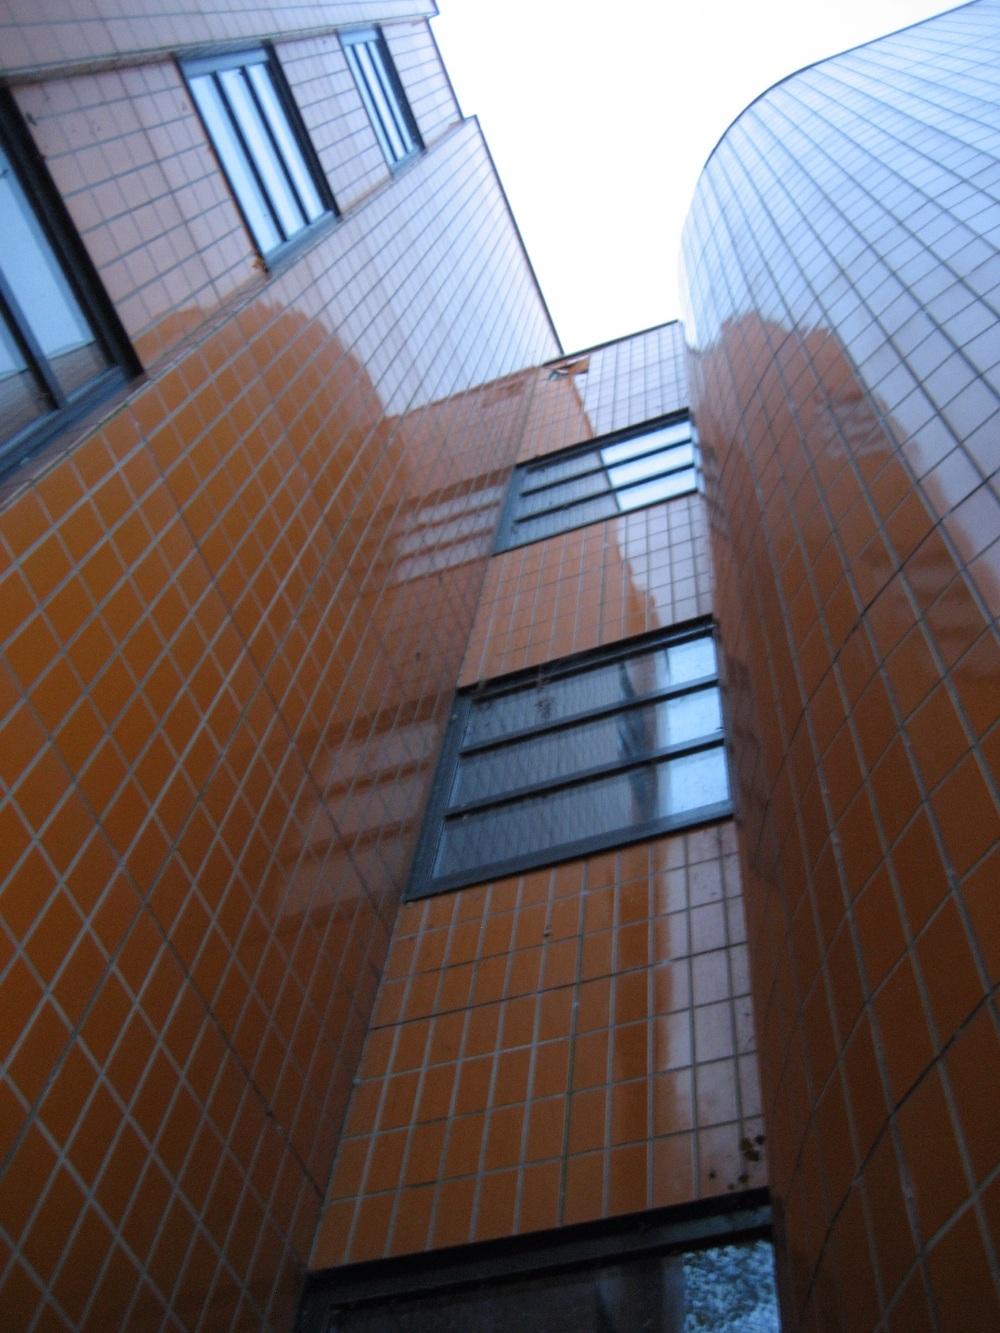 Northeastern stairwell, November 2014.